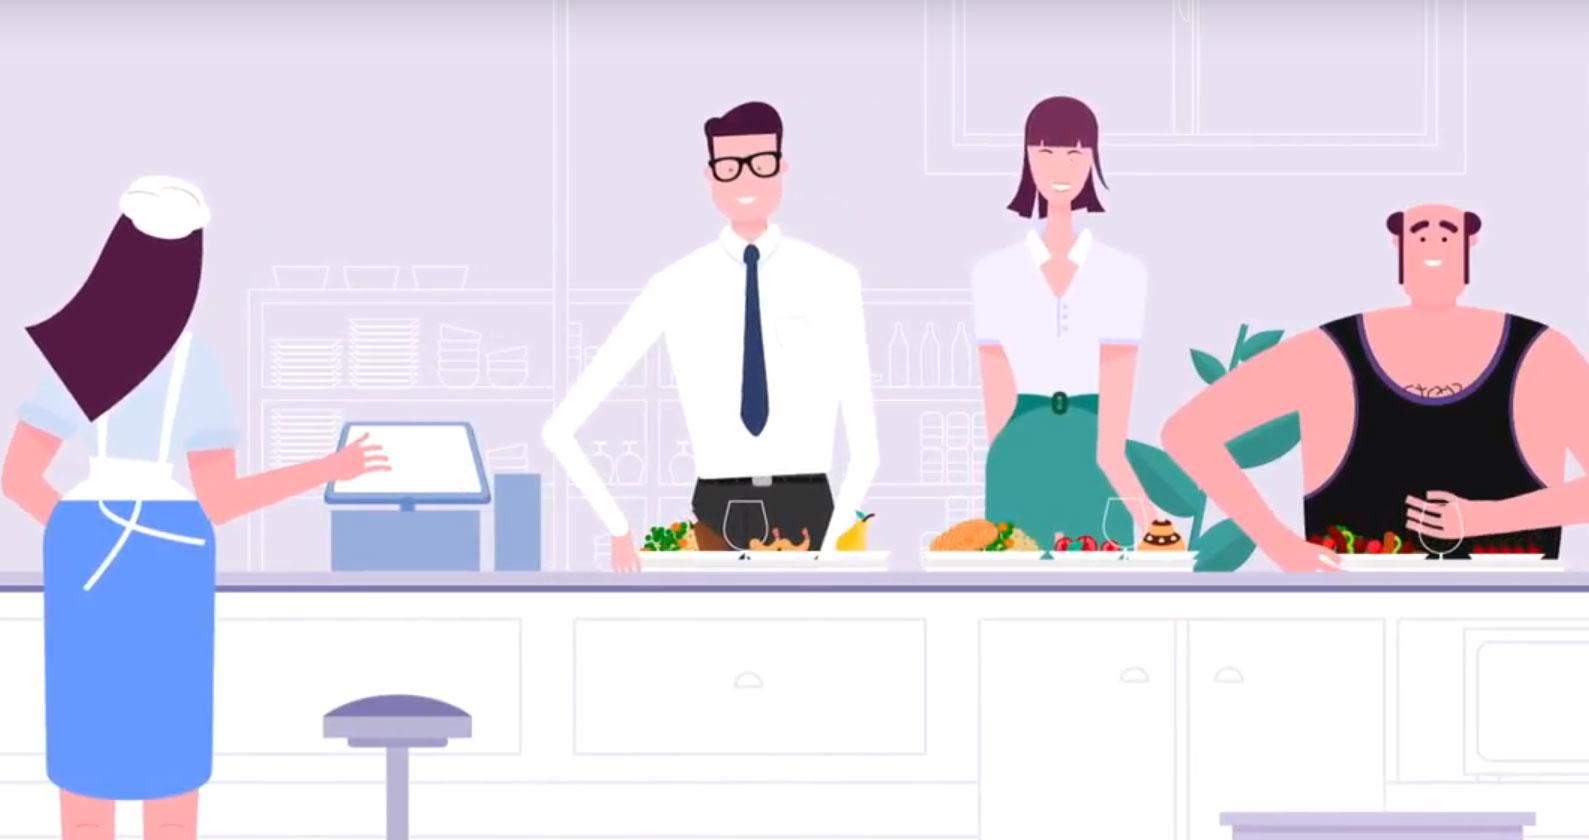 Envie d'une vidéo courte et punchy ? Le design motion est top pour cela ! Nous donnons vie à nos meilleures illustrations pour créer des vidéos super ludiques mais tout en étant instructives !